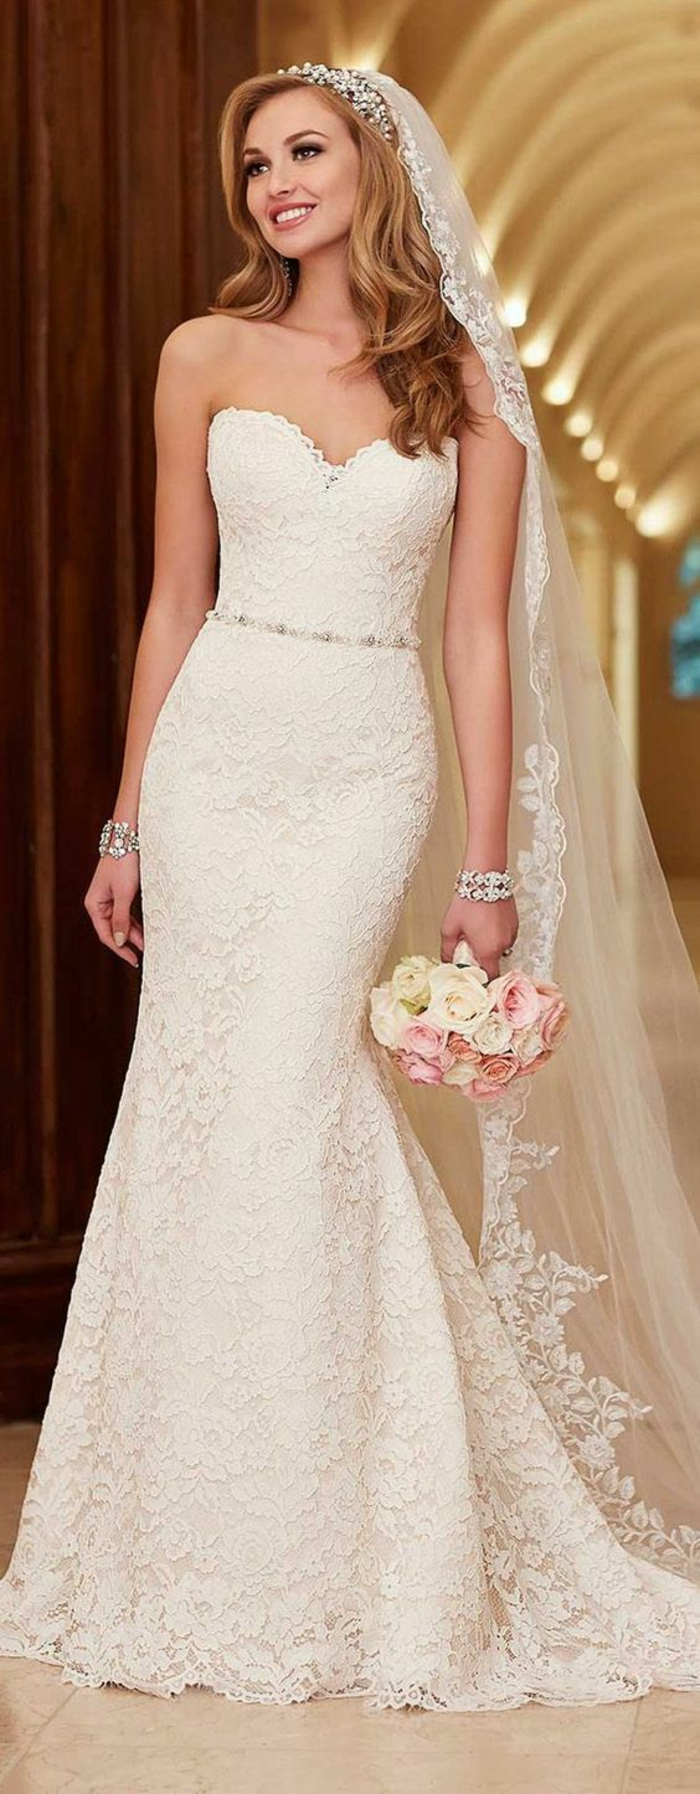 fantastique-robe-mariée-dentelle-robe-de-mariée-sirène-beauté-féminine